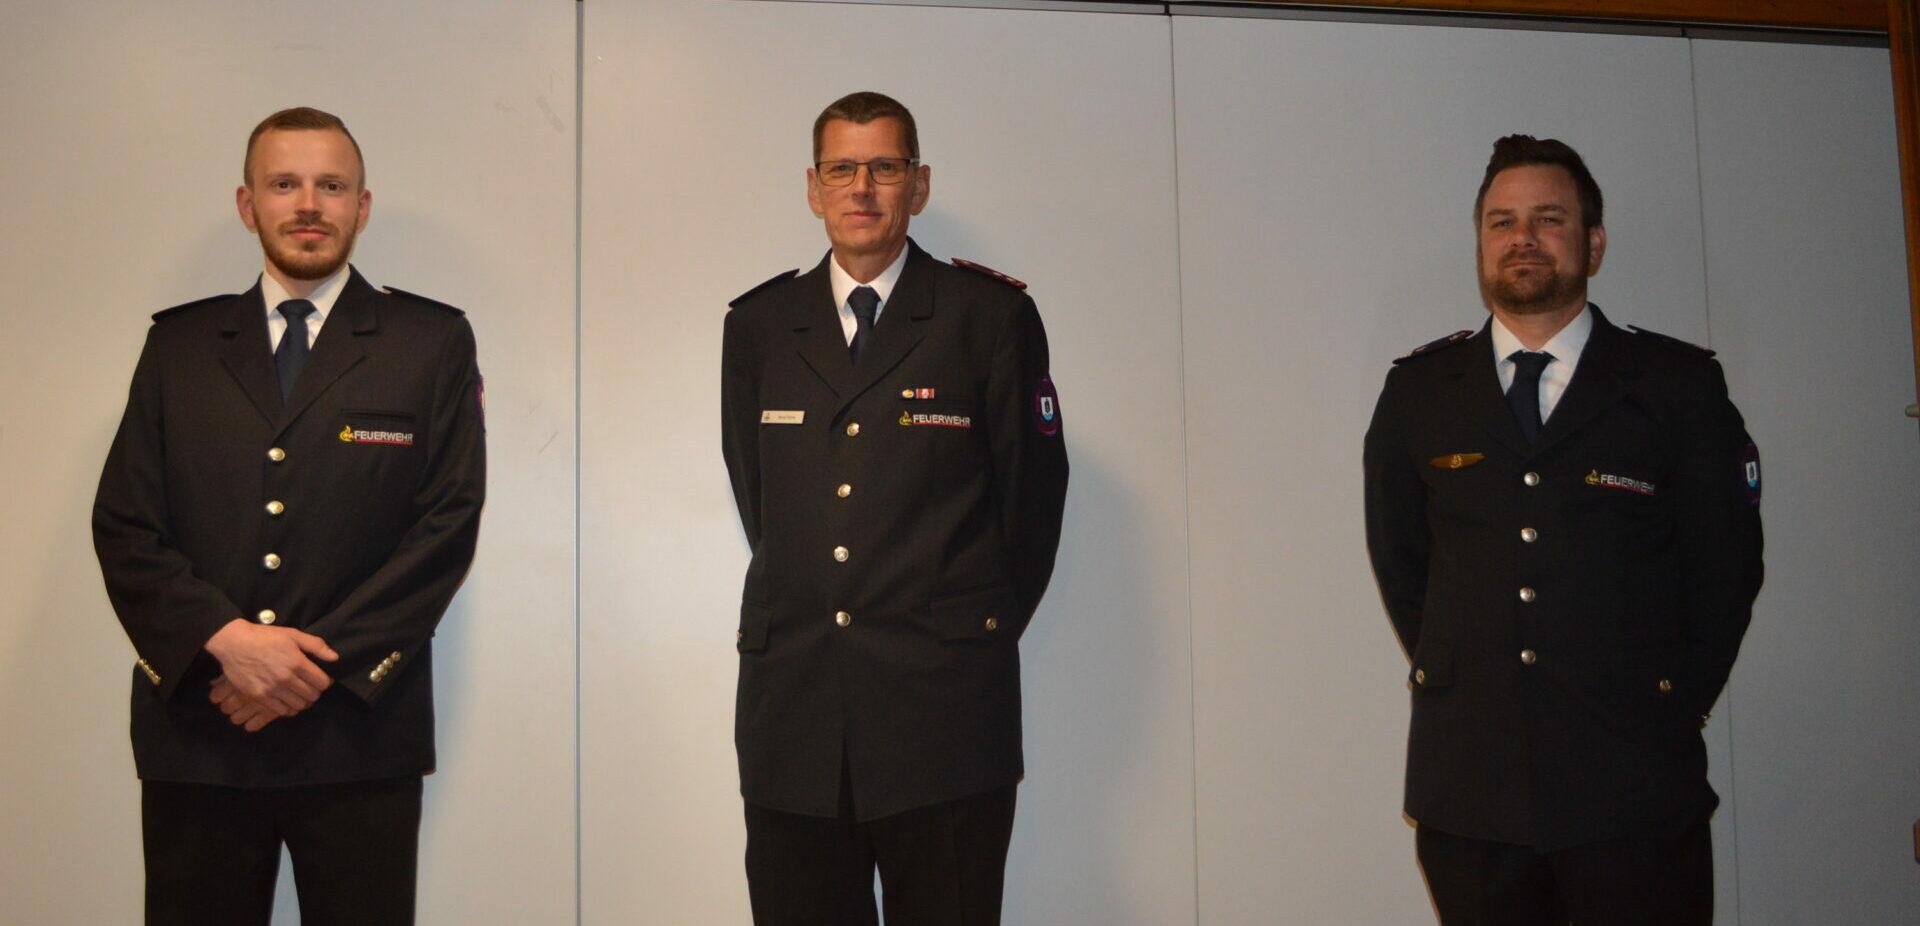 v.r. der wiedergewählte Kommandant Andreas Noth,der neu gewählte stellvertretende Kommandant Bernd Rühle. Stefan Weisser stellte sich nicht wieder zur Wahl